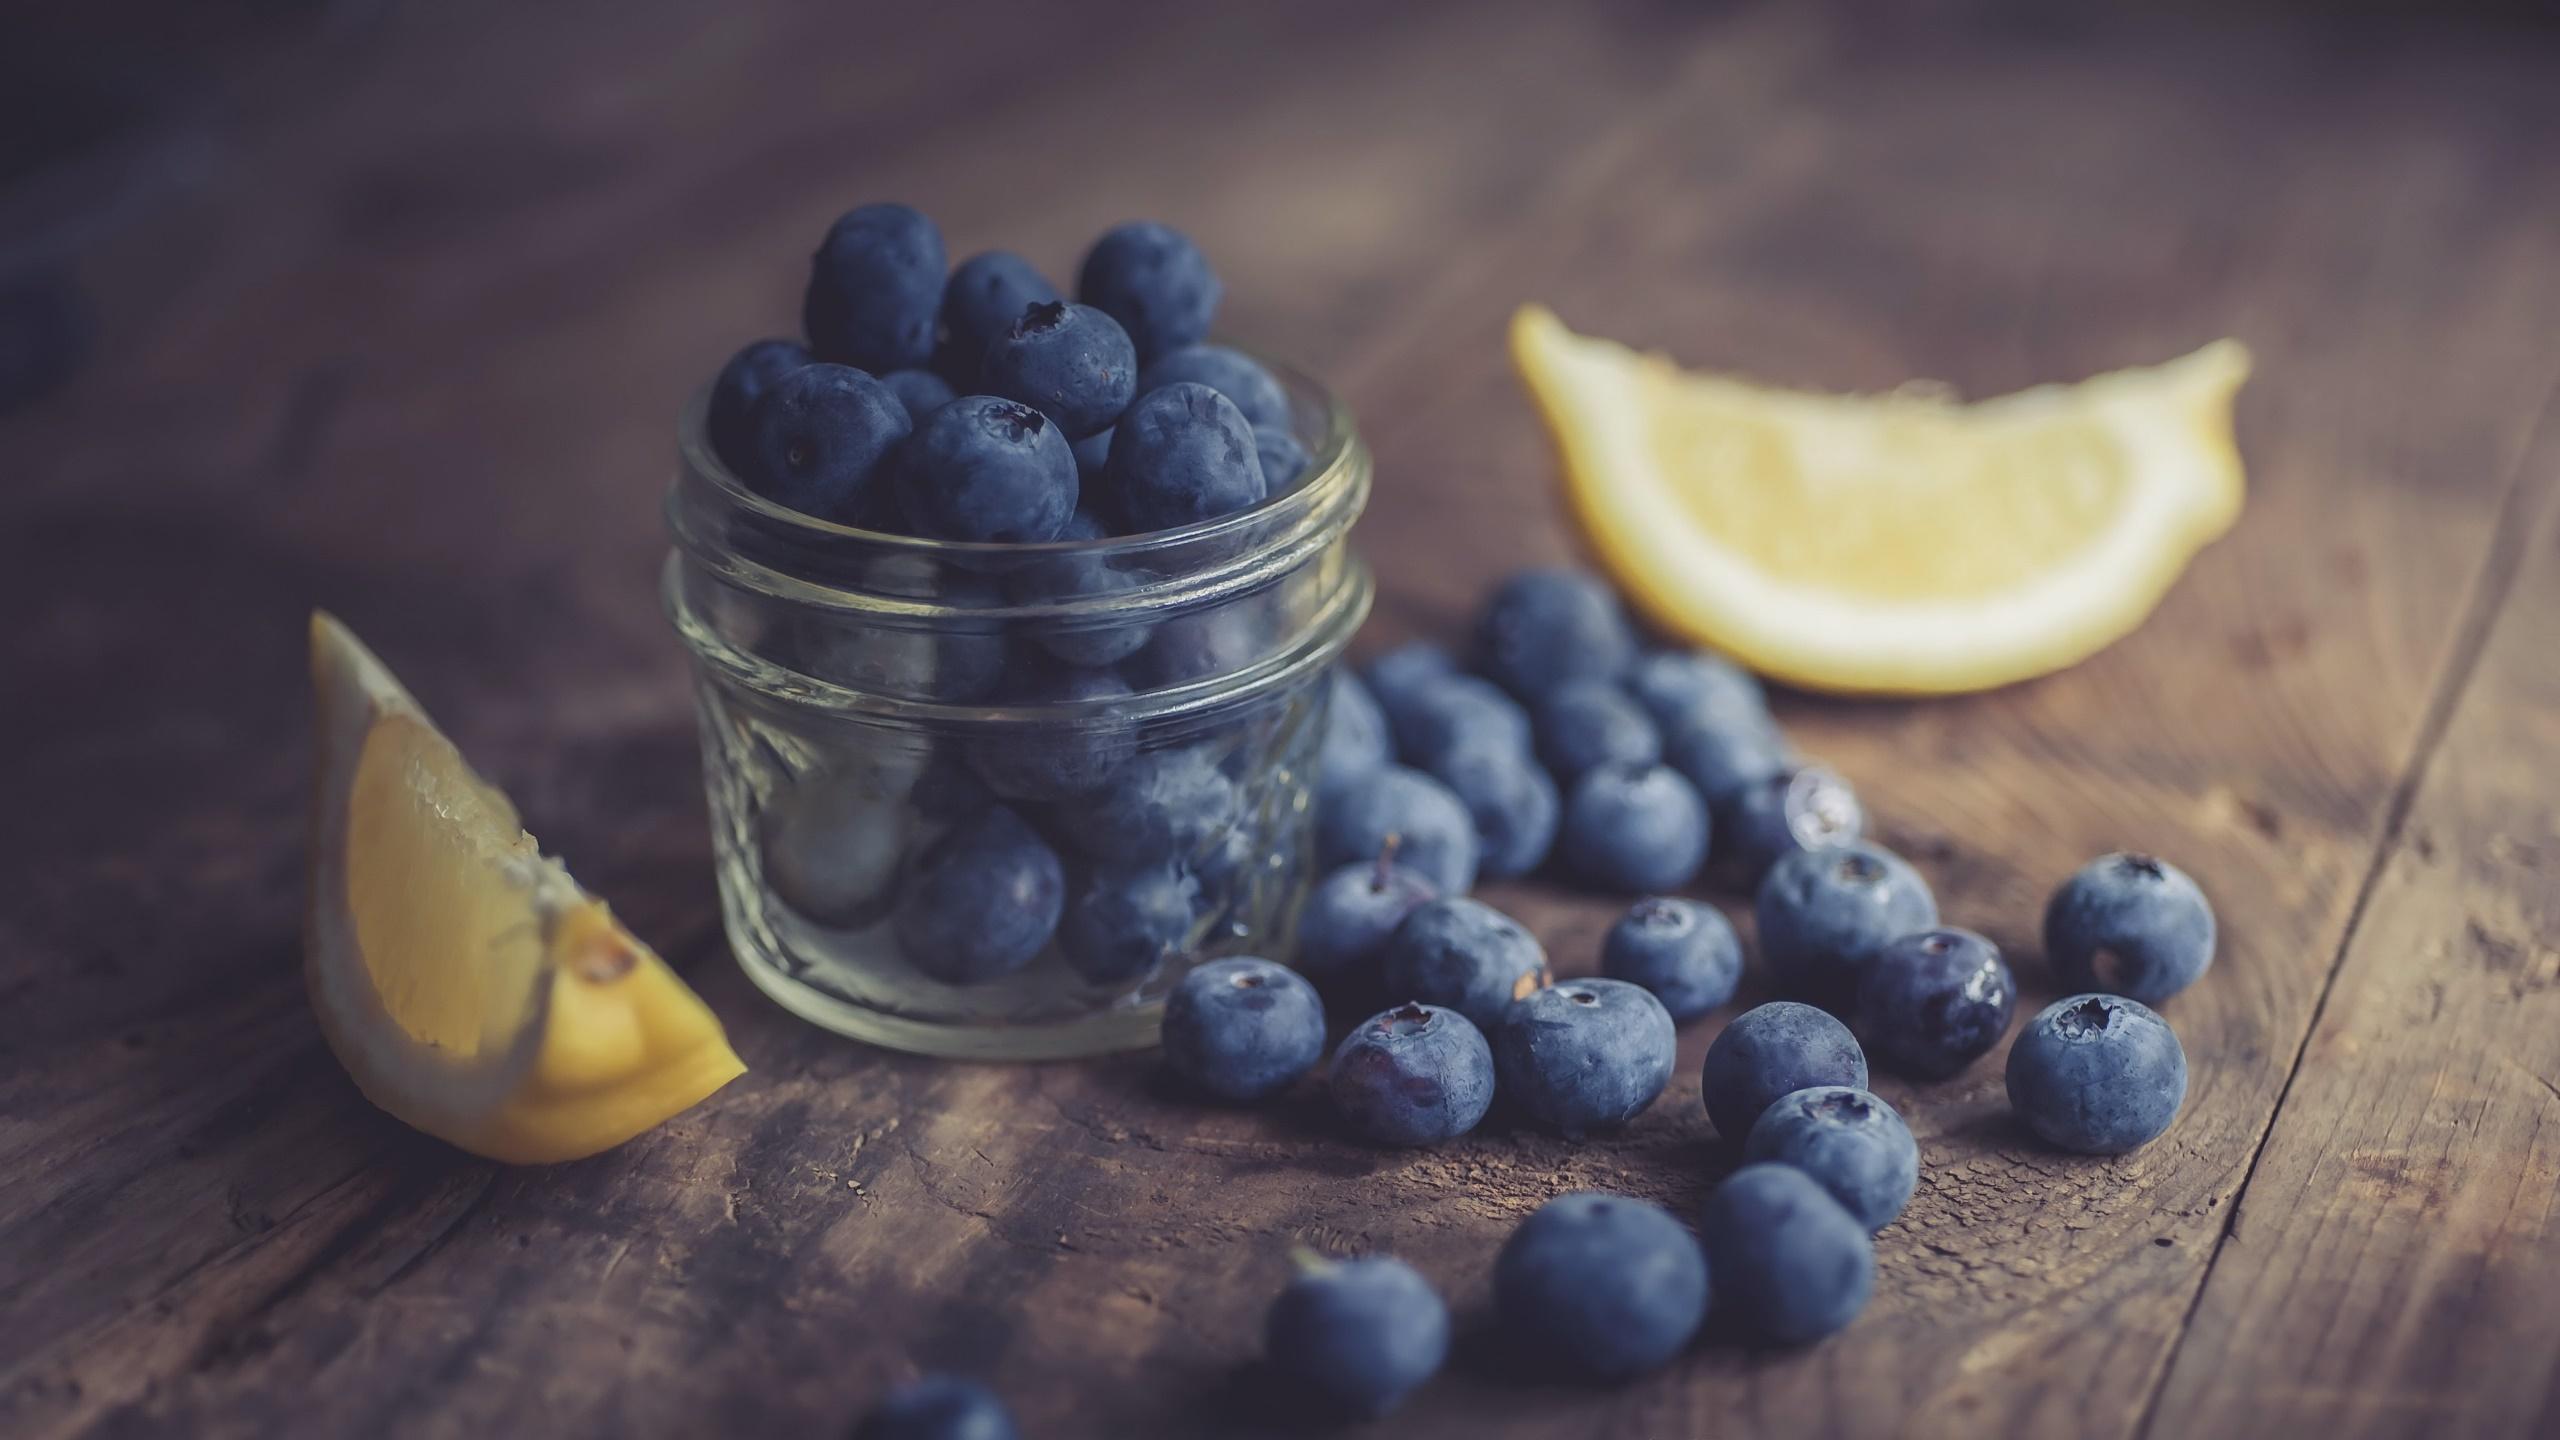 Food Fruit Berries Blueberries Lemons Jar Wooden Surface 2560x1440